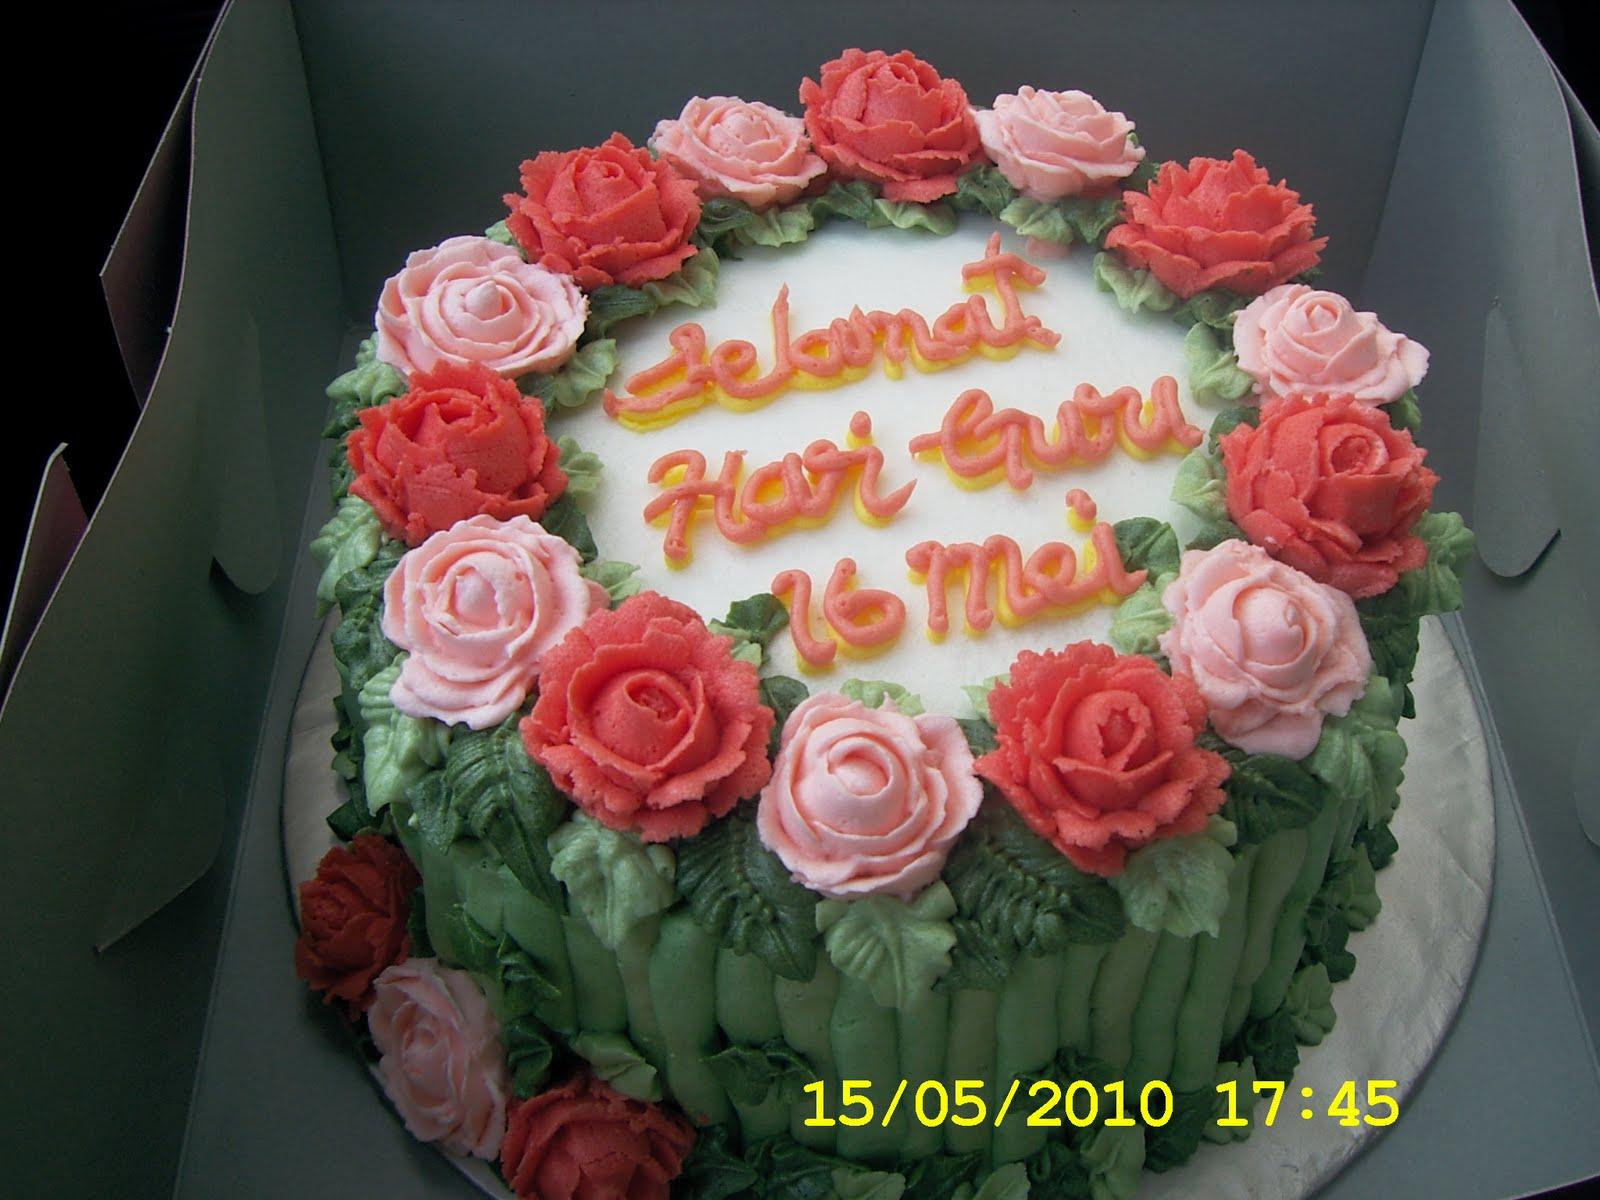 Cake Images With Name Hari : Maina Cakes: :: SELAMAT HARI GURU